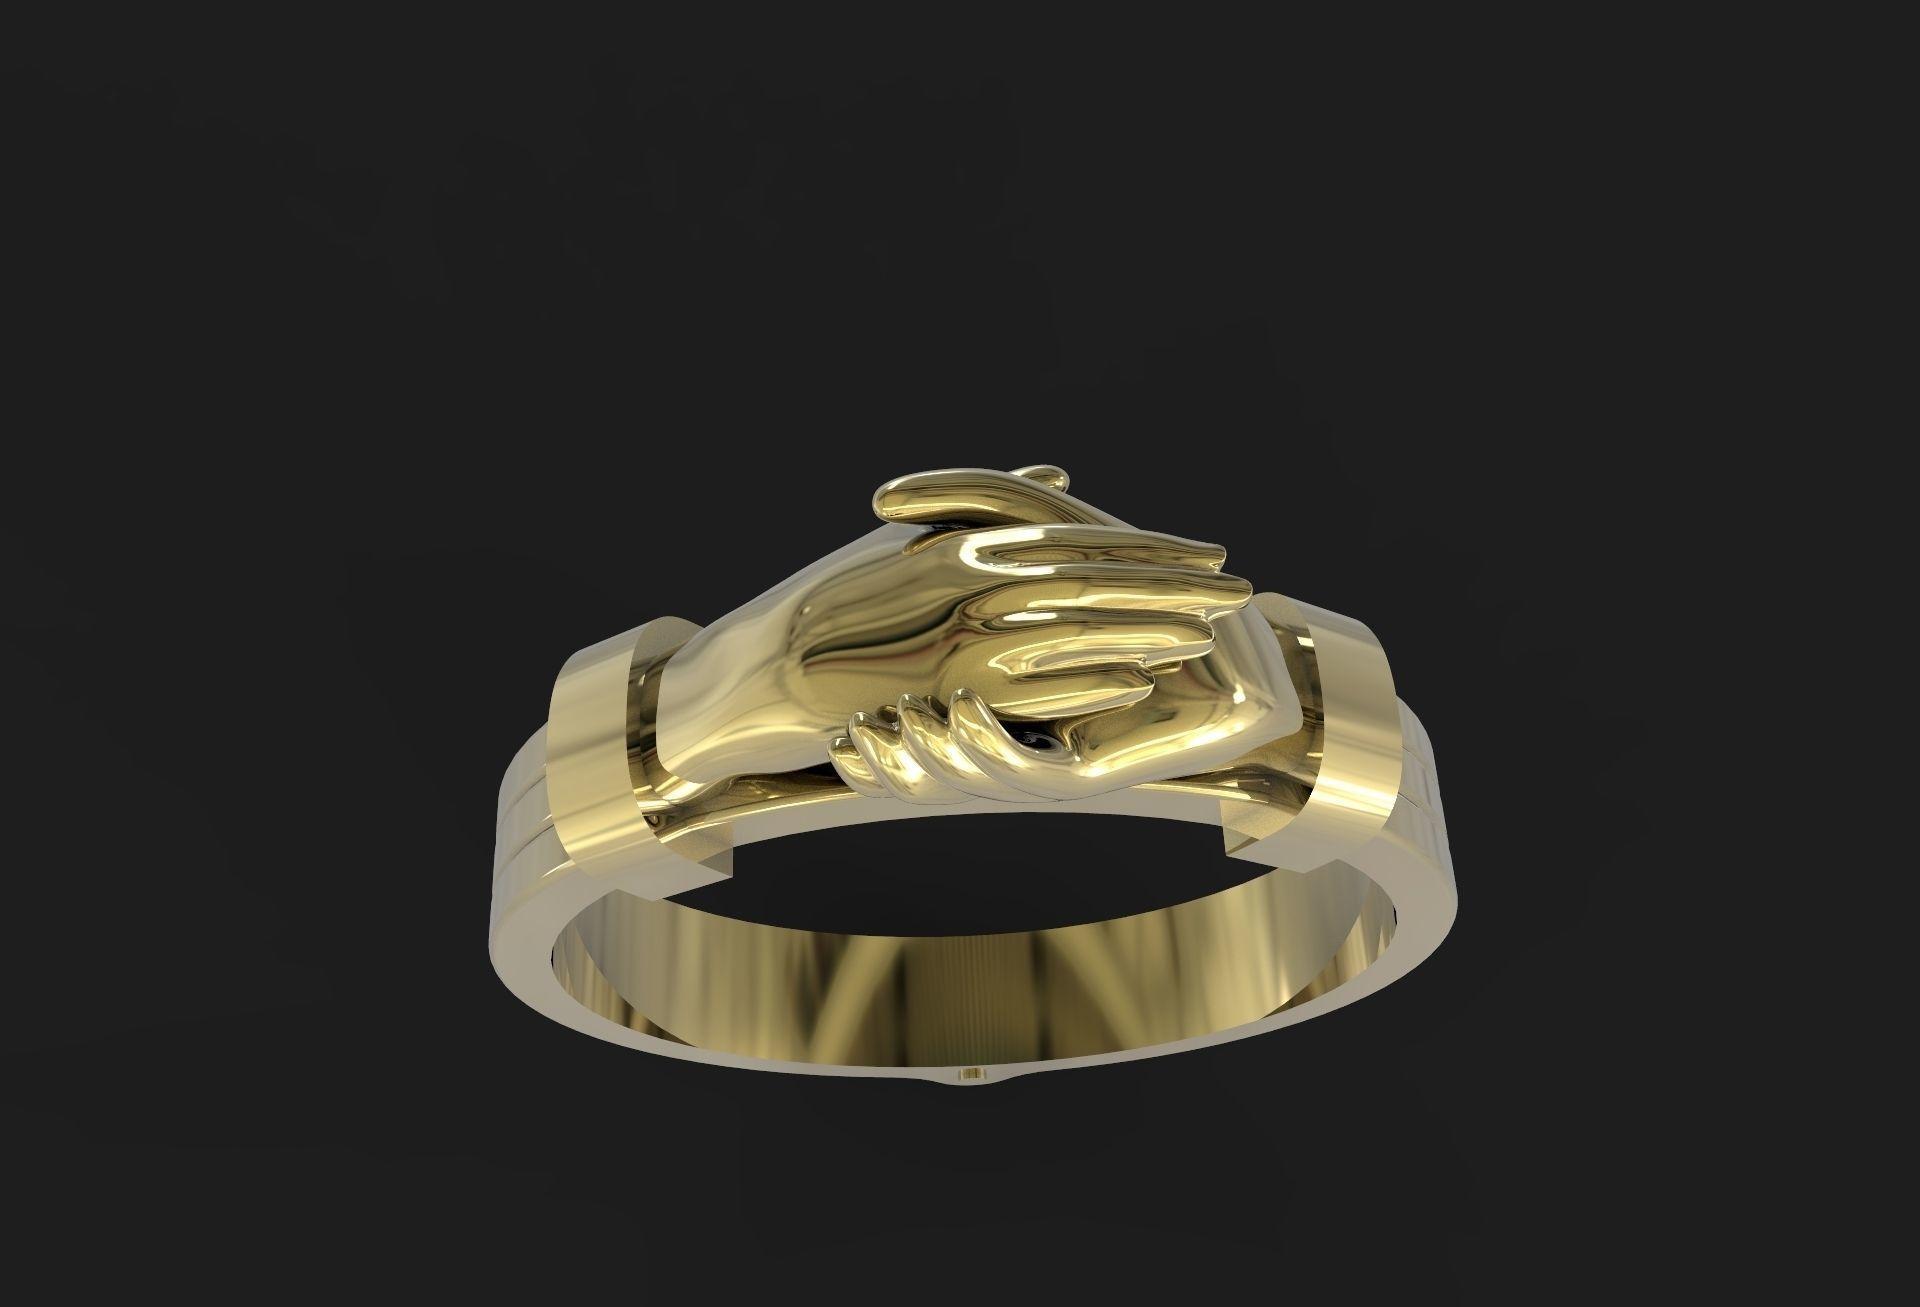 antique gimmel ring 3d model stl 2